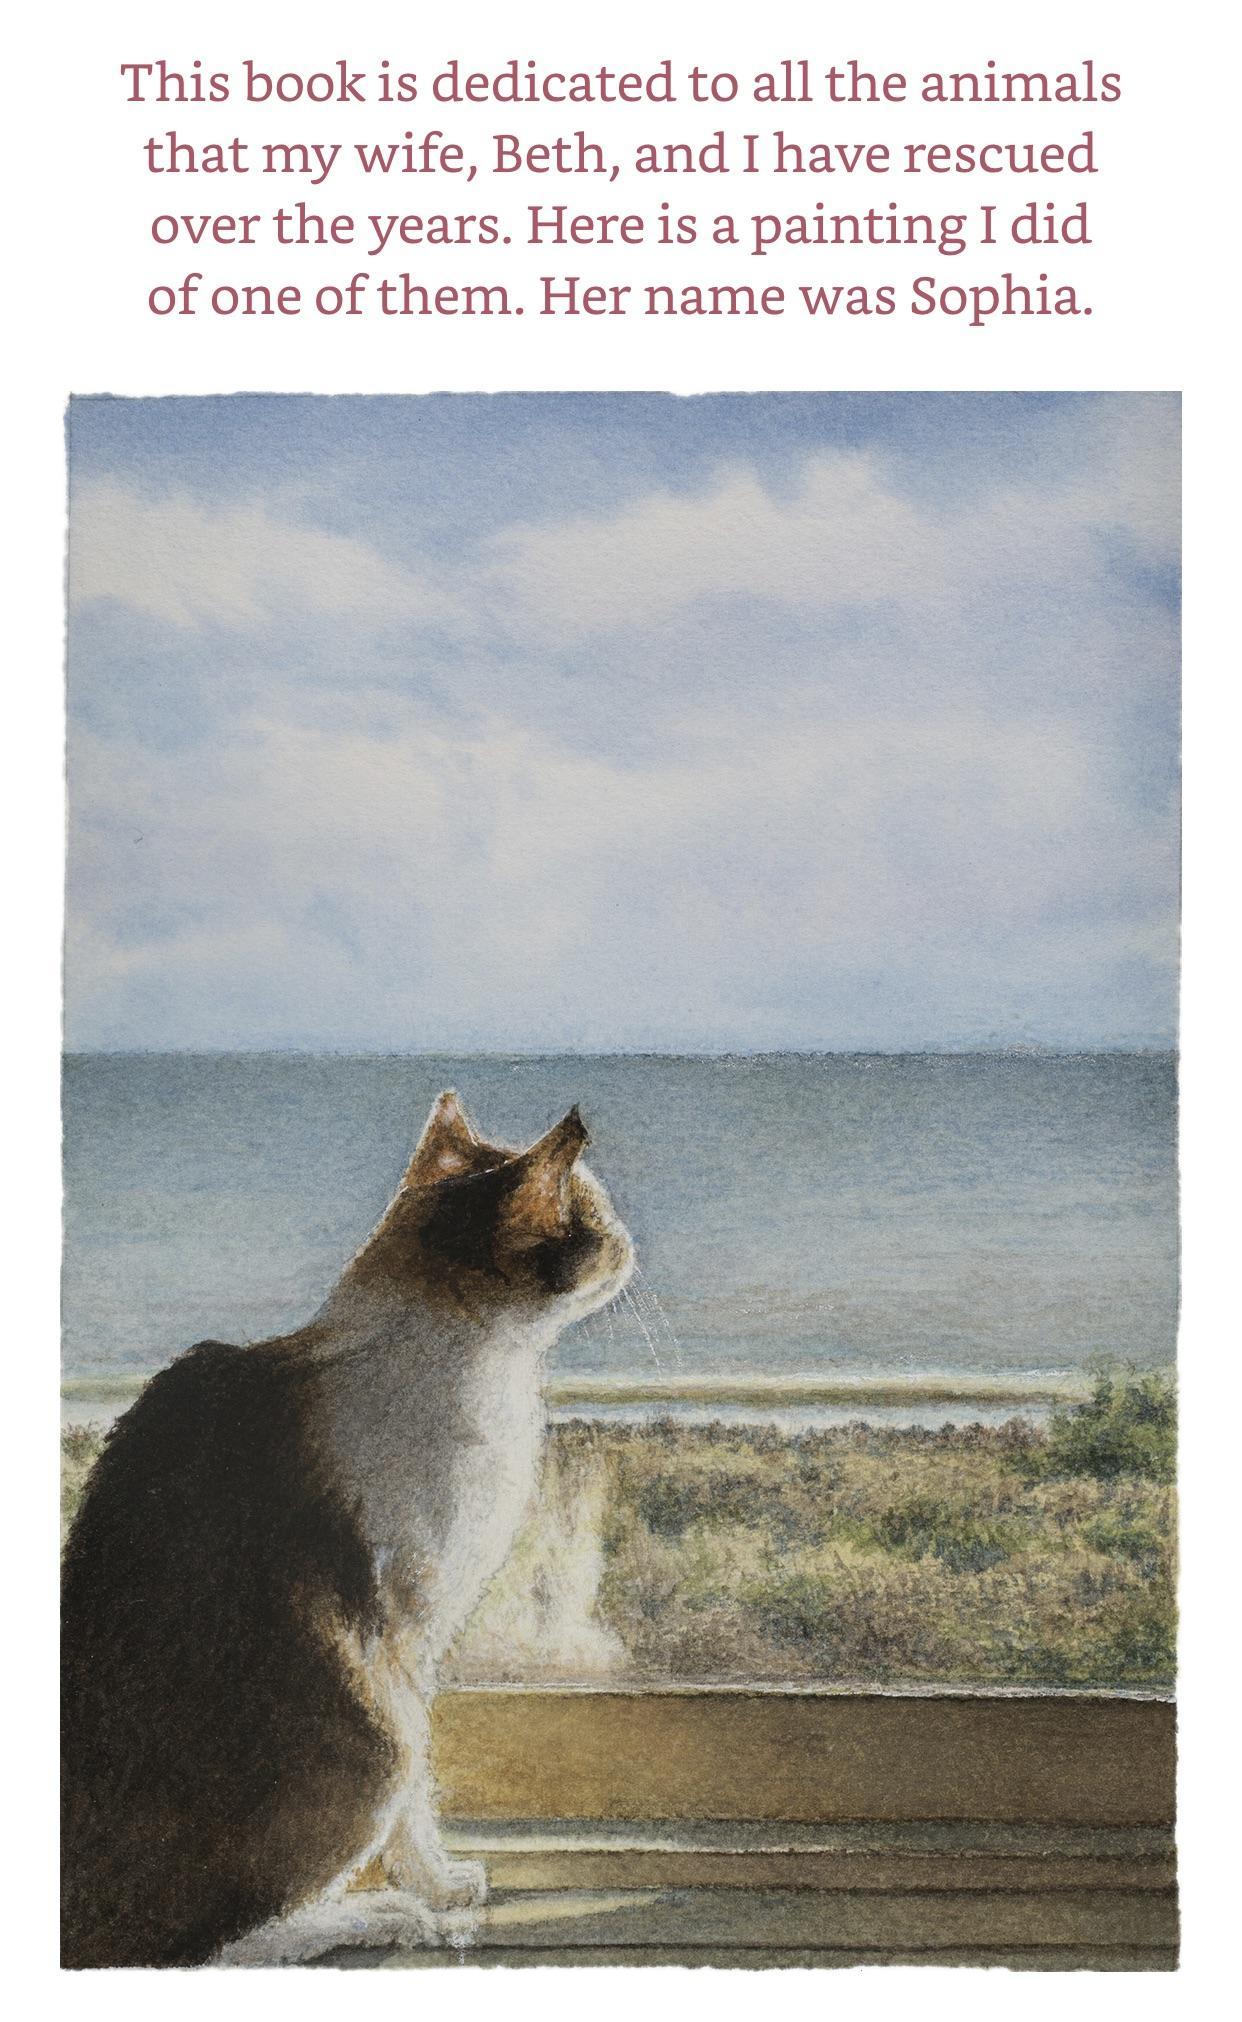 Howard Stern Cat Painting : howard, stern, painting, Robin,, Pissed, Howardstern